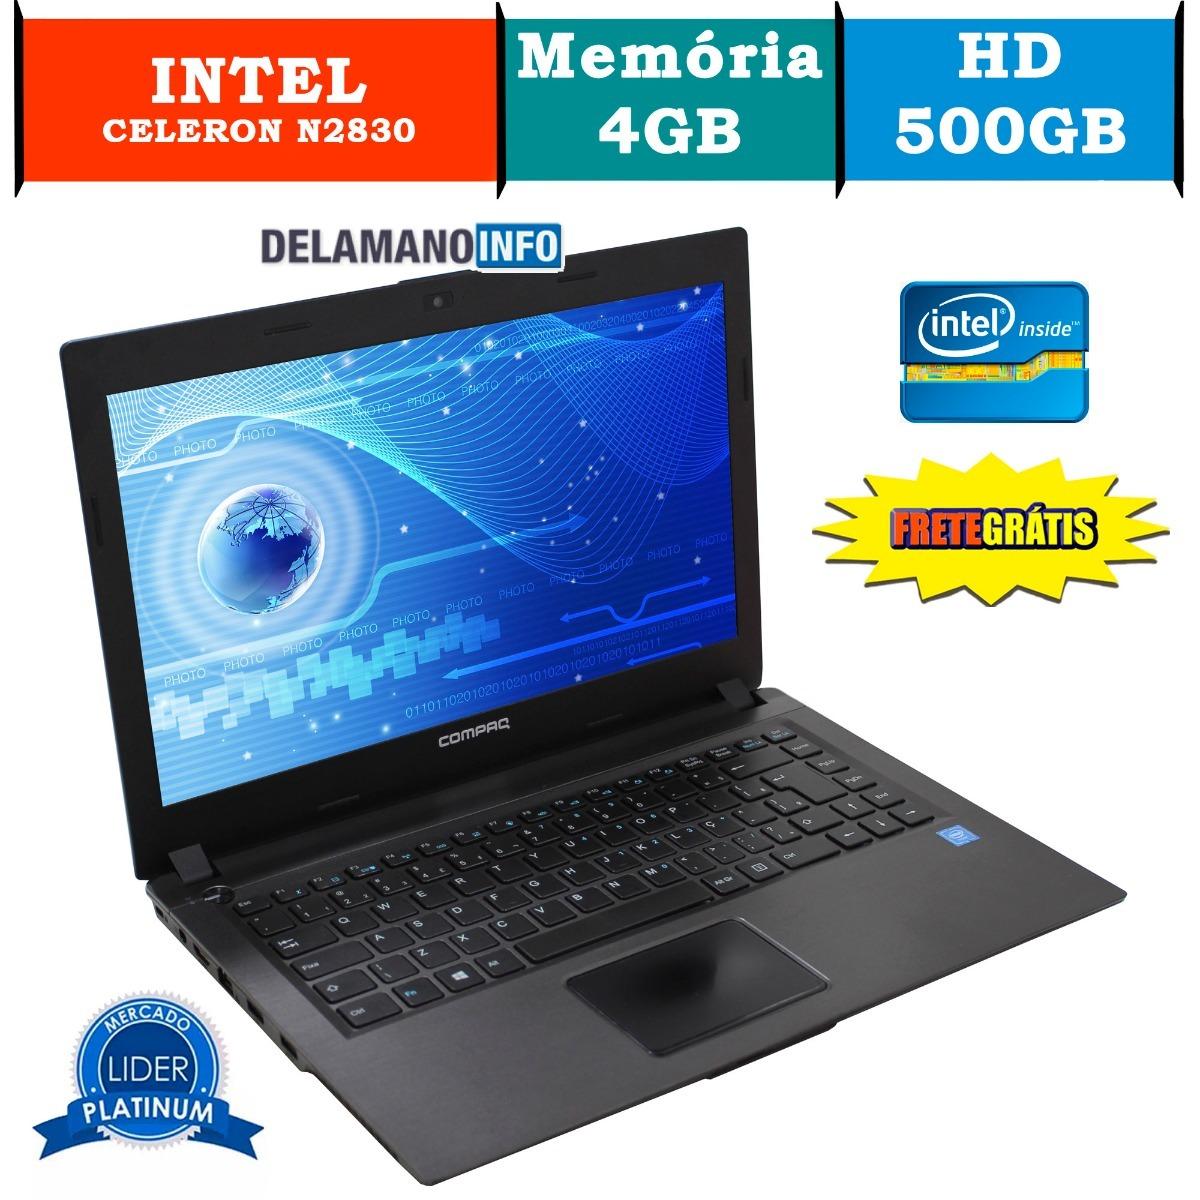 Notebook Hp Ddr3 Windows 10 Celeron 4gb 500gb Promo 11059 R Laptop Carregando Zoom